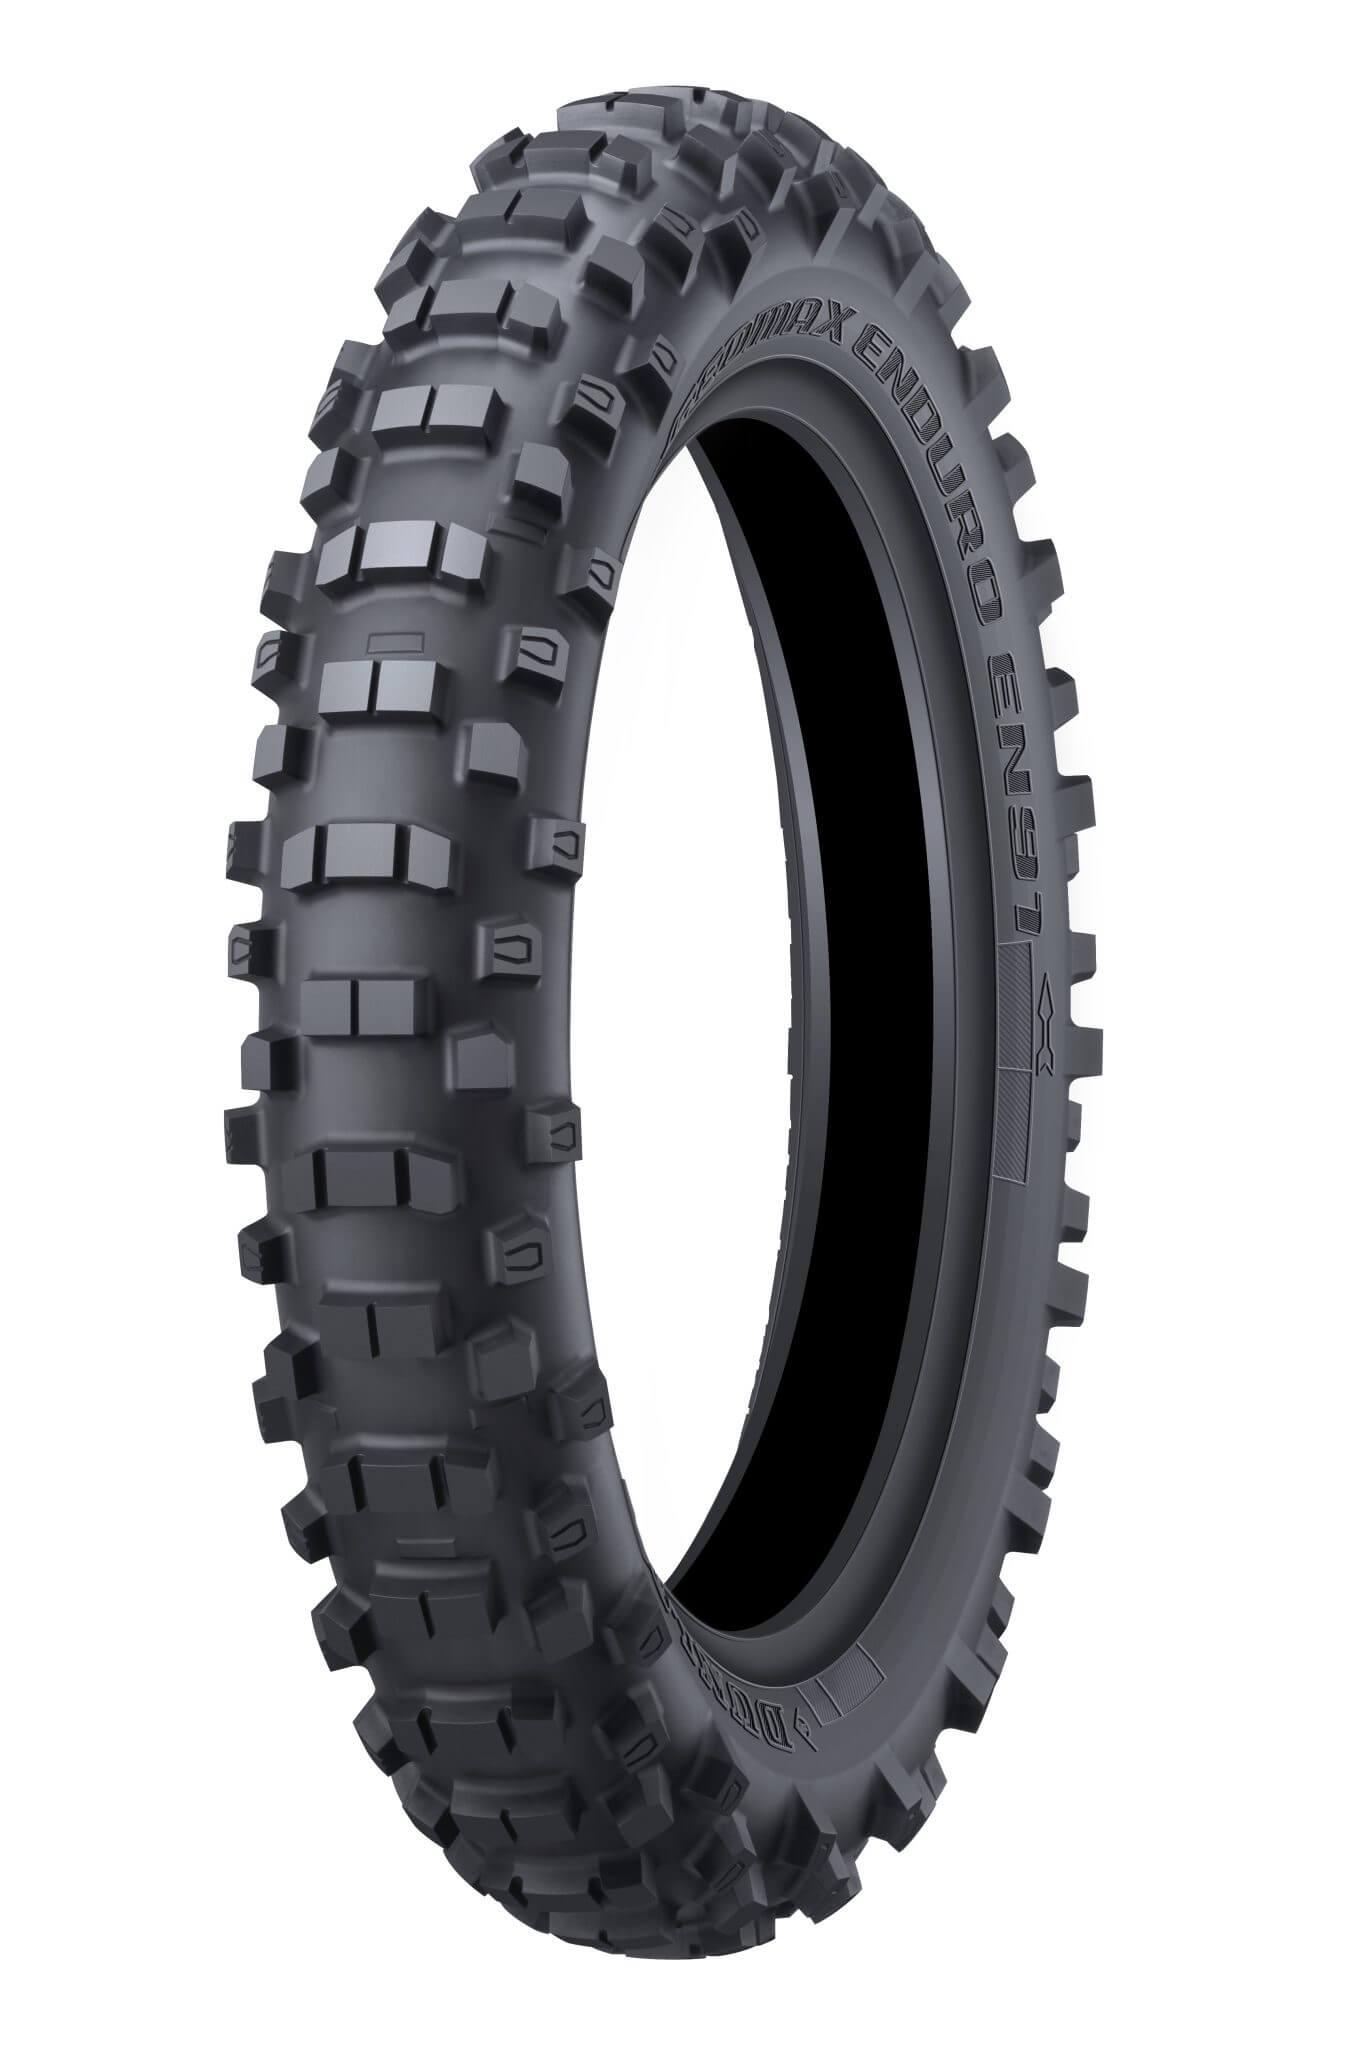 Dunlop Geomax EN91 140/80-18 70R Rear Tyre